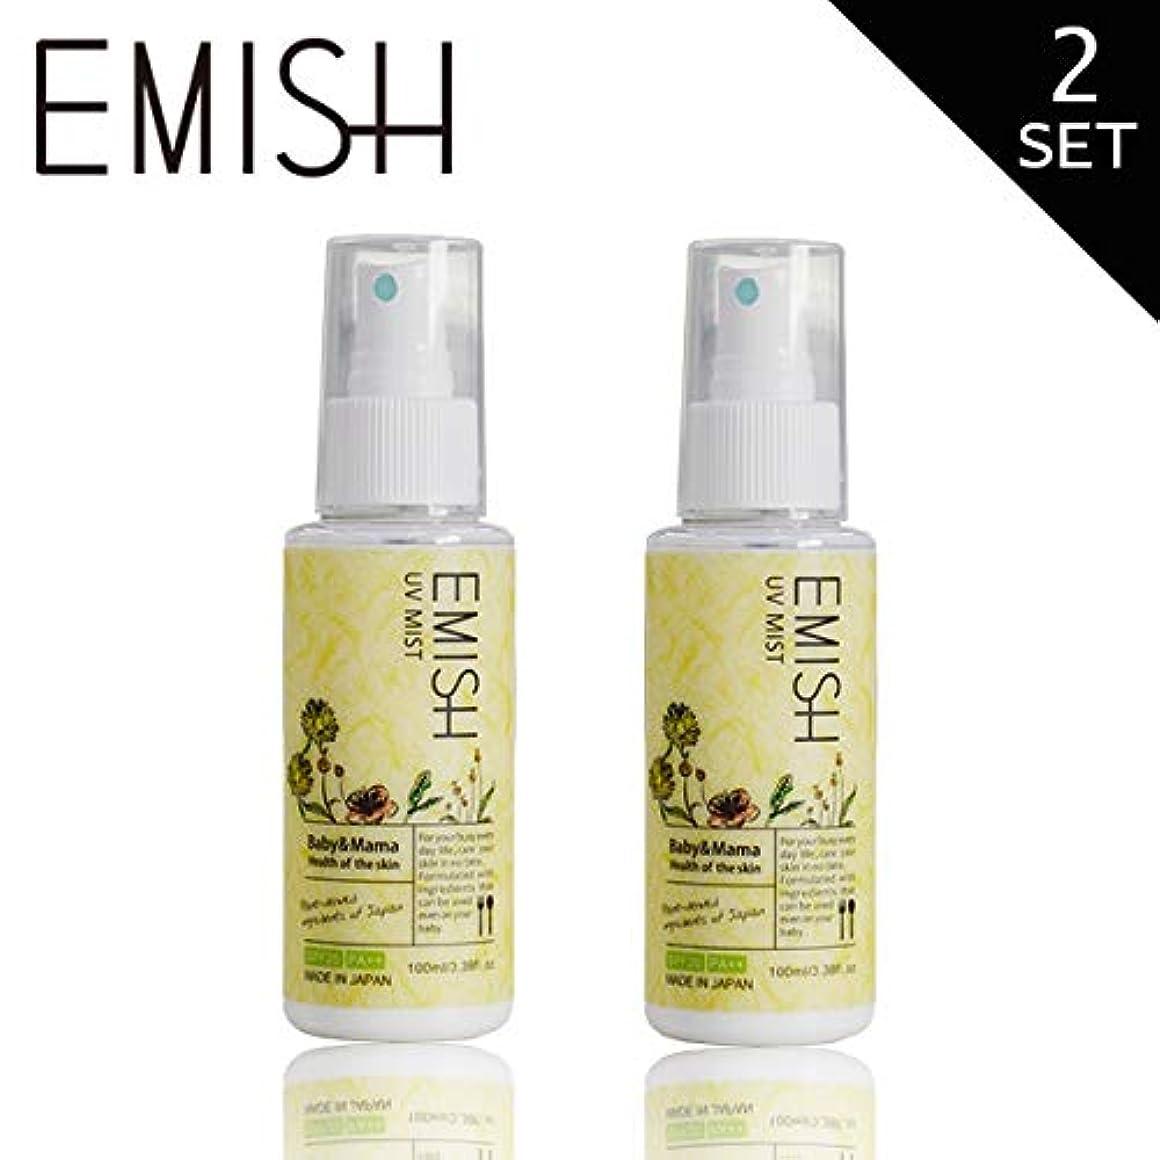 EMISH(エミッシュ) UVミスト (100mL) (2本セット)